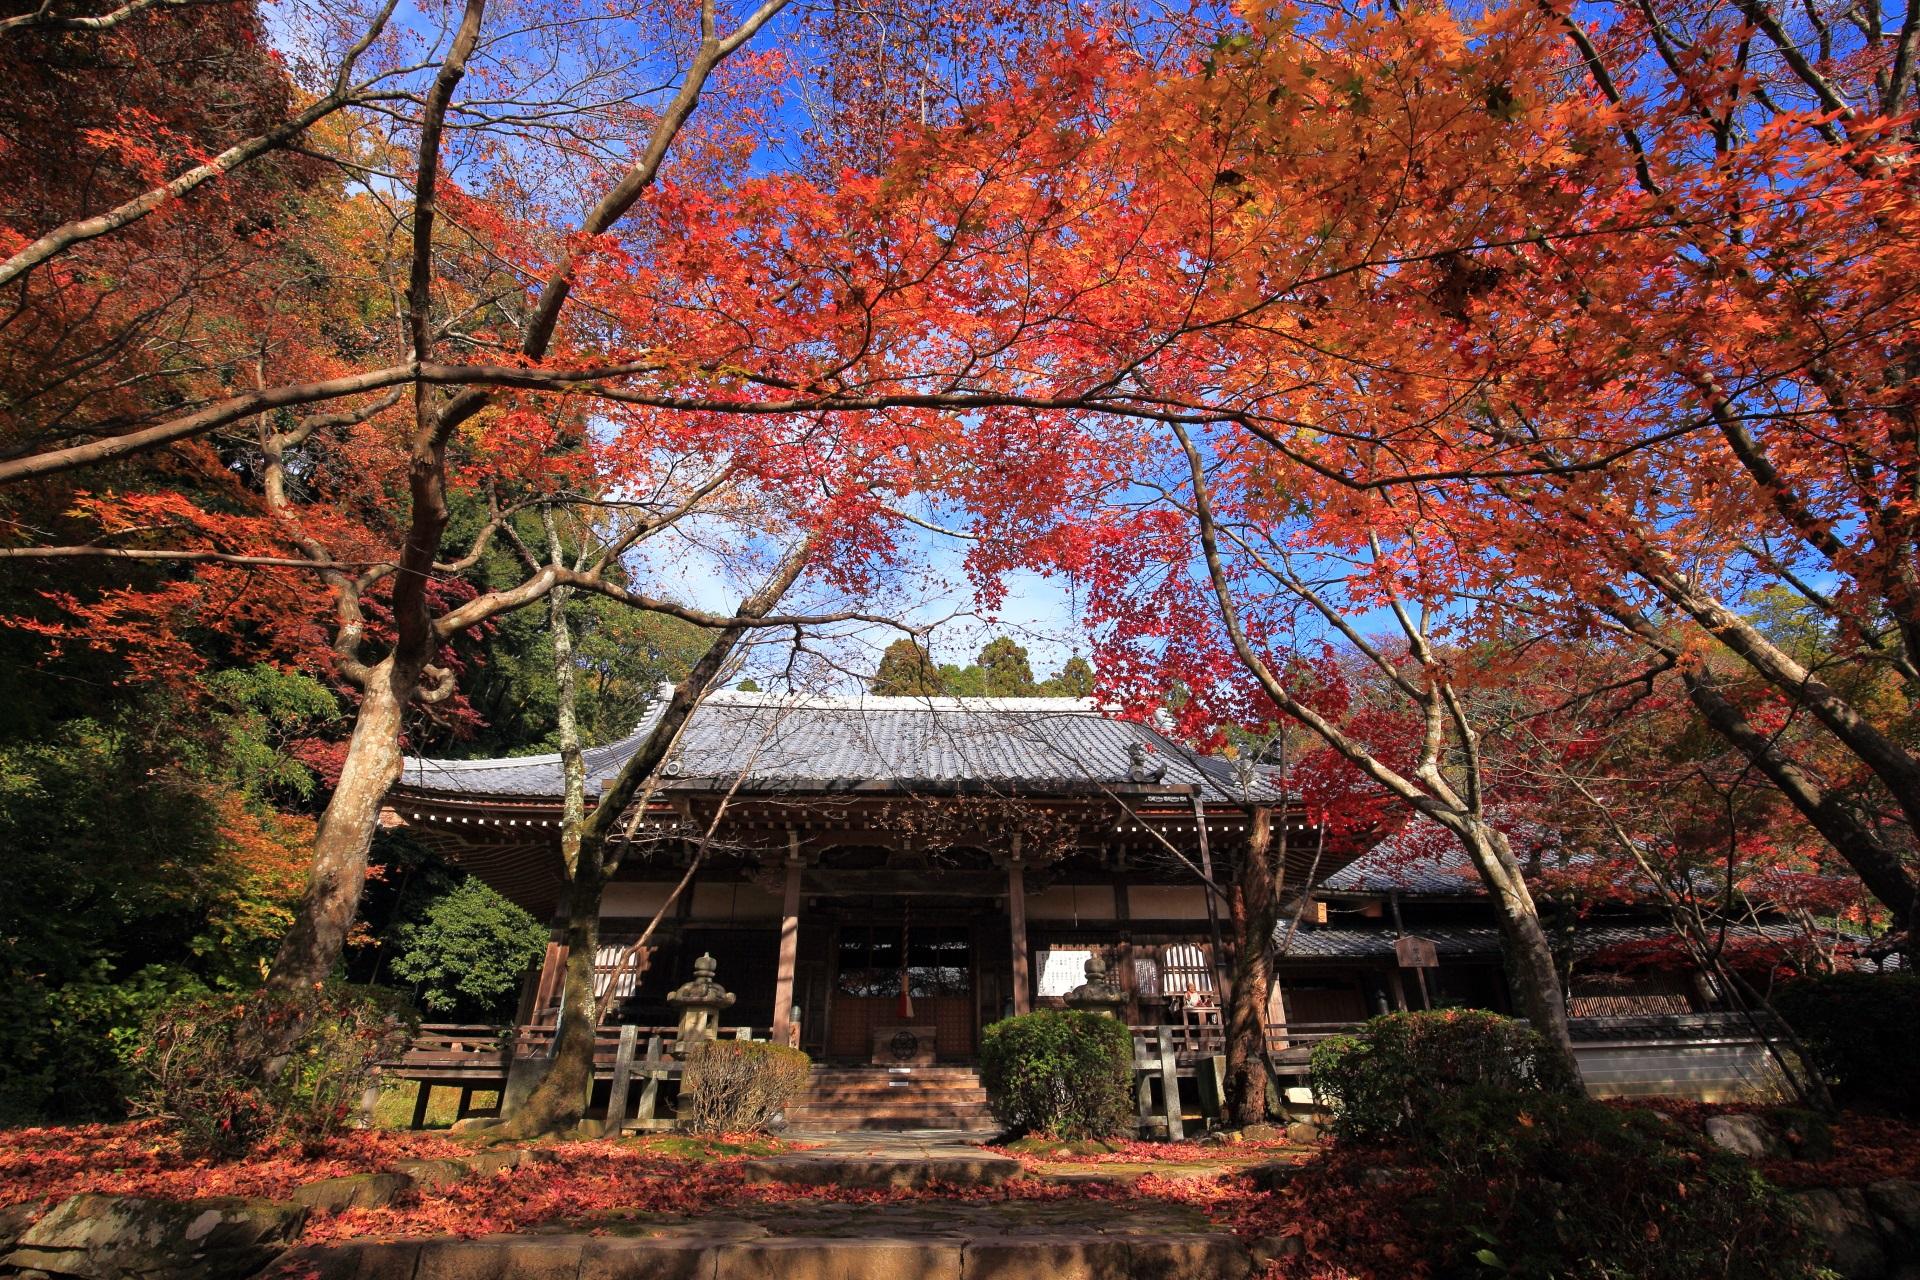 晴れている時の太陽を浴びる煌びやかな紅葉と本堂